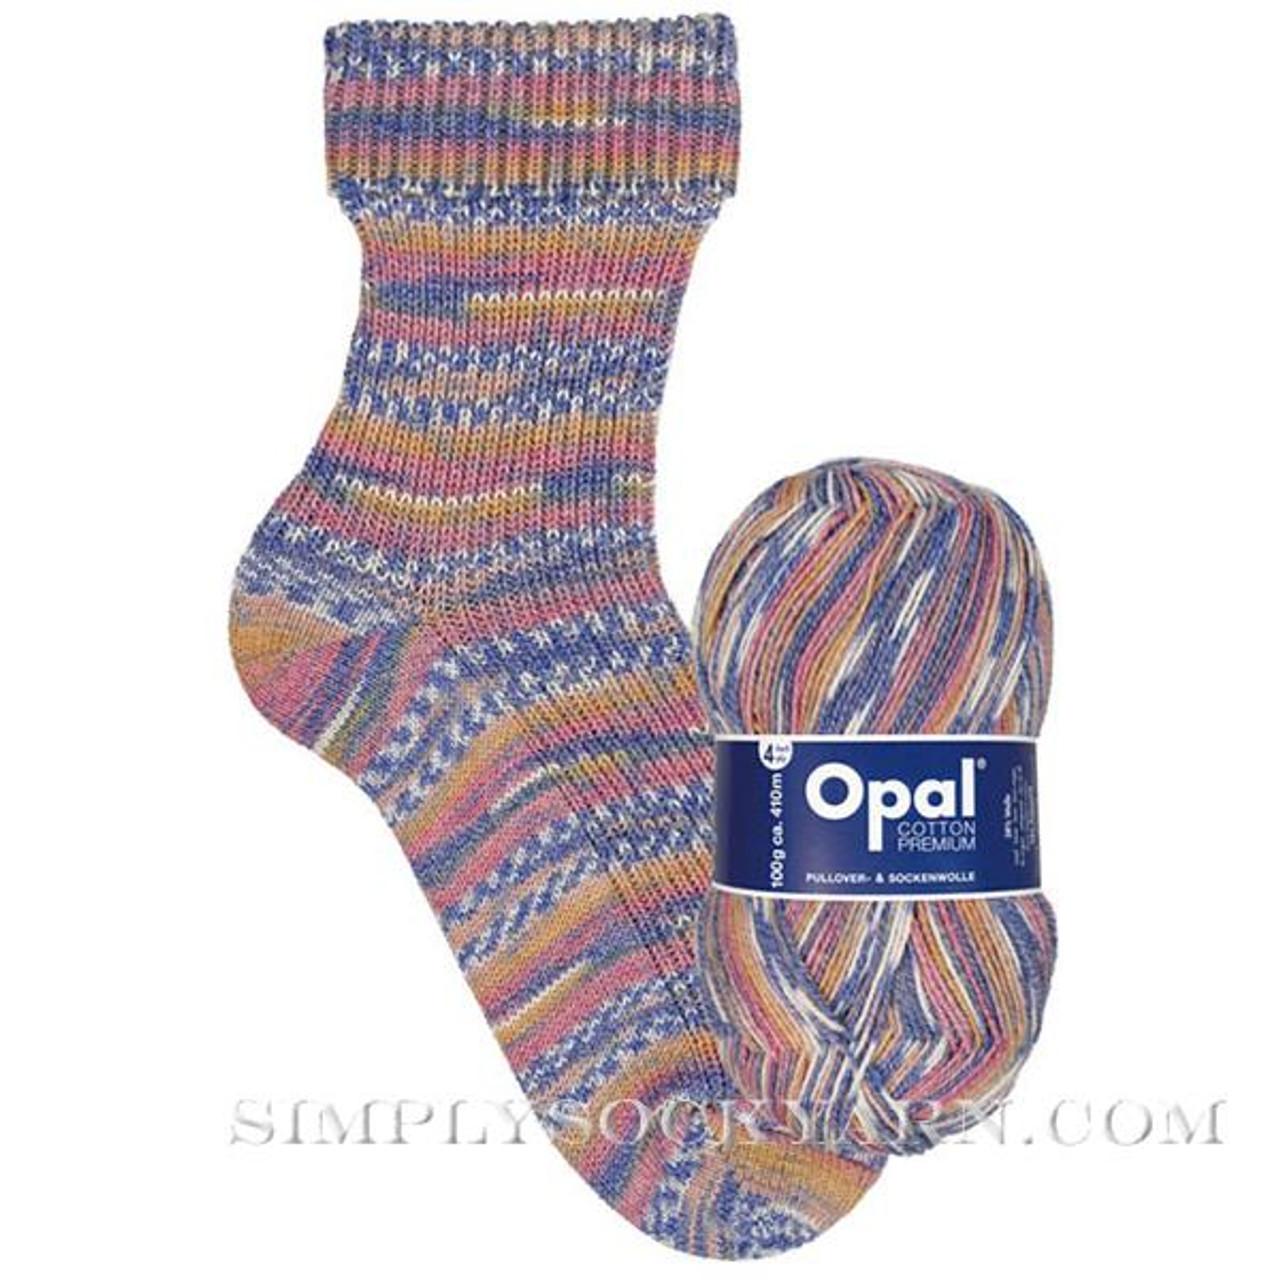 Opal Cotton Premium 9716 -